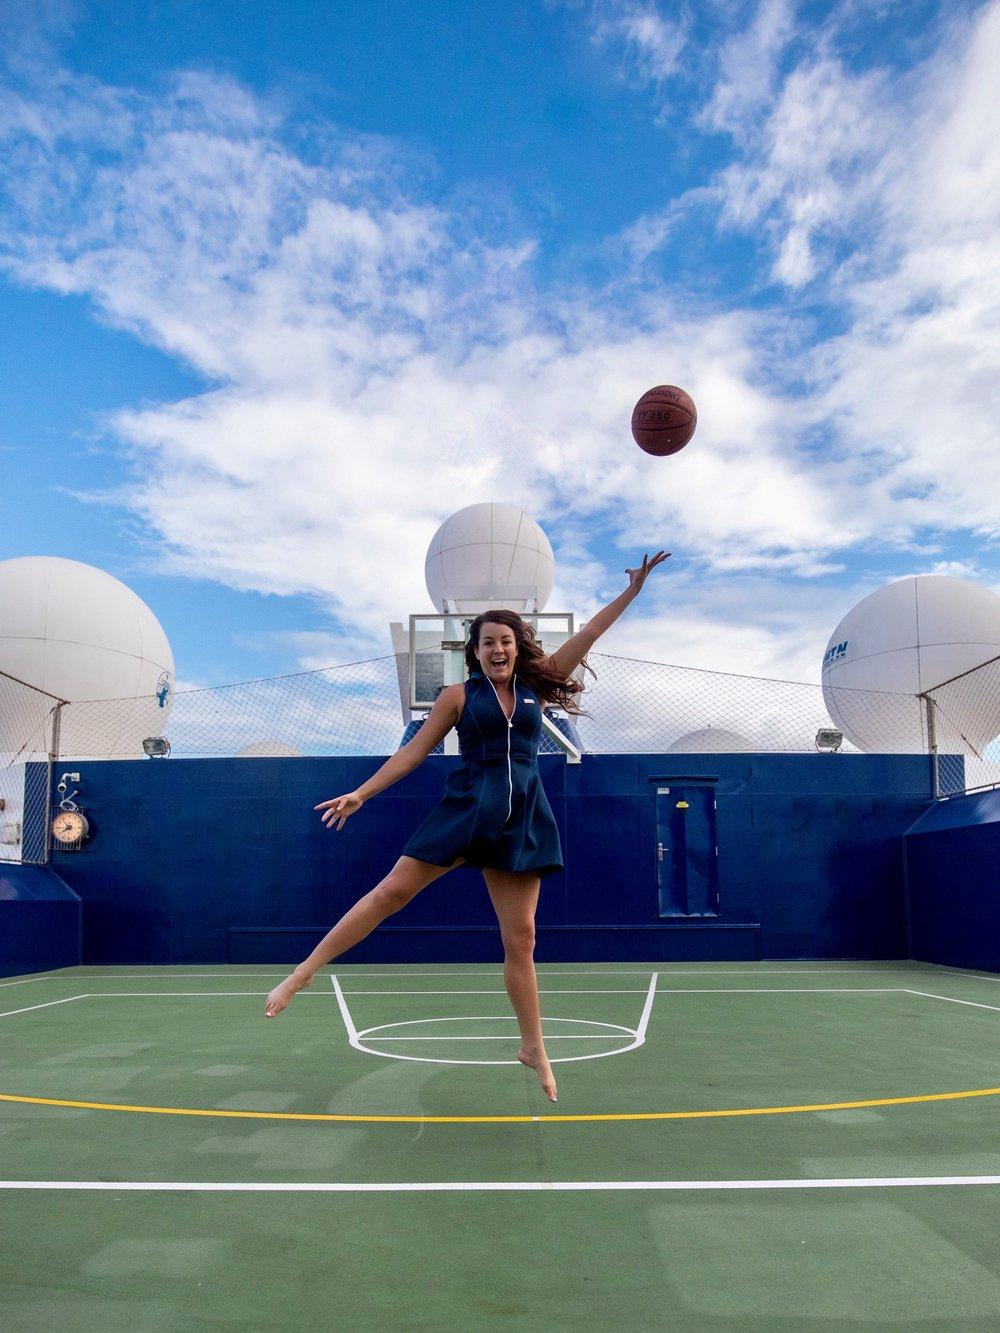 celebrity summit: Basketball court